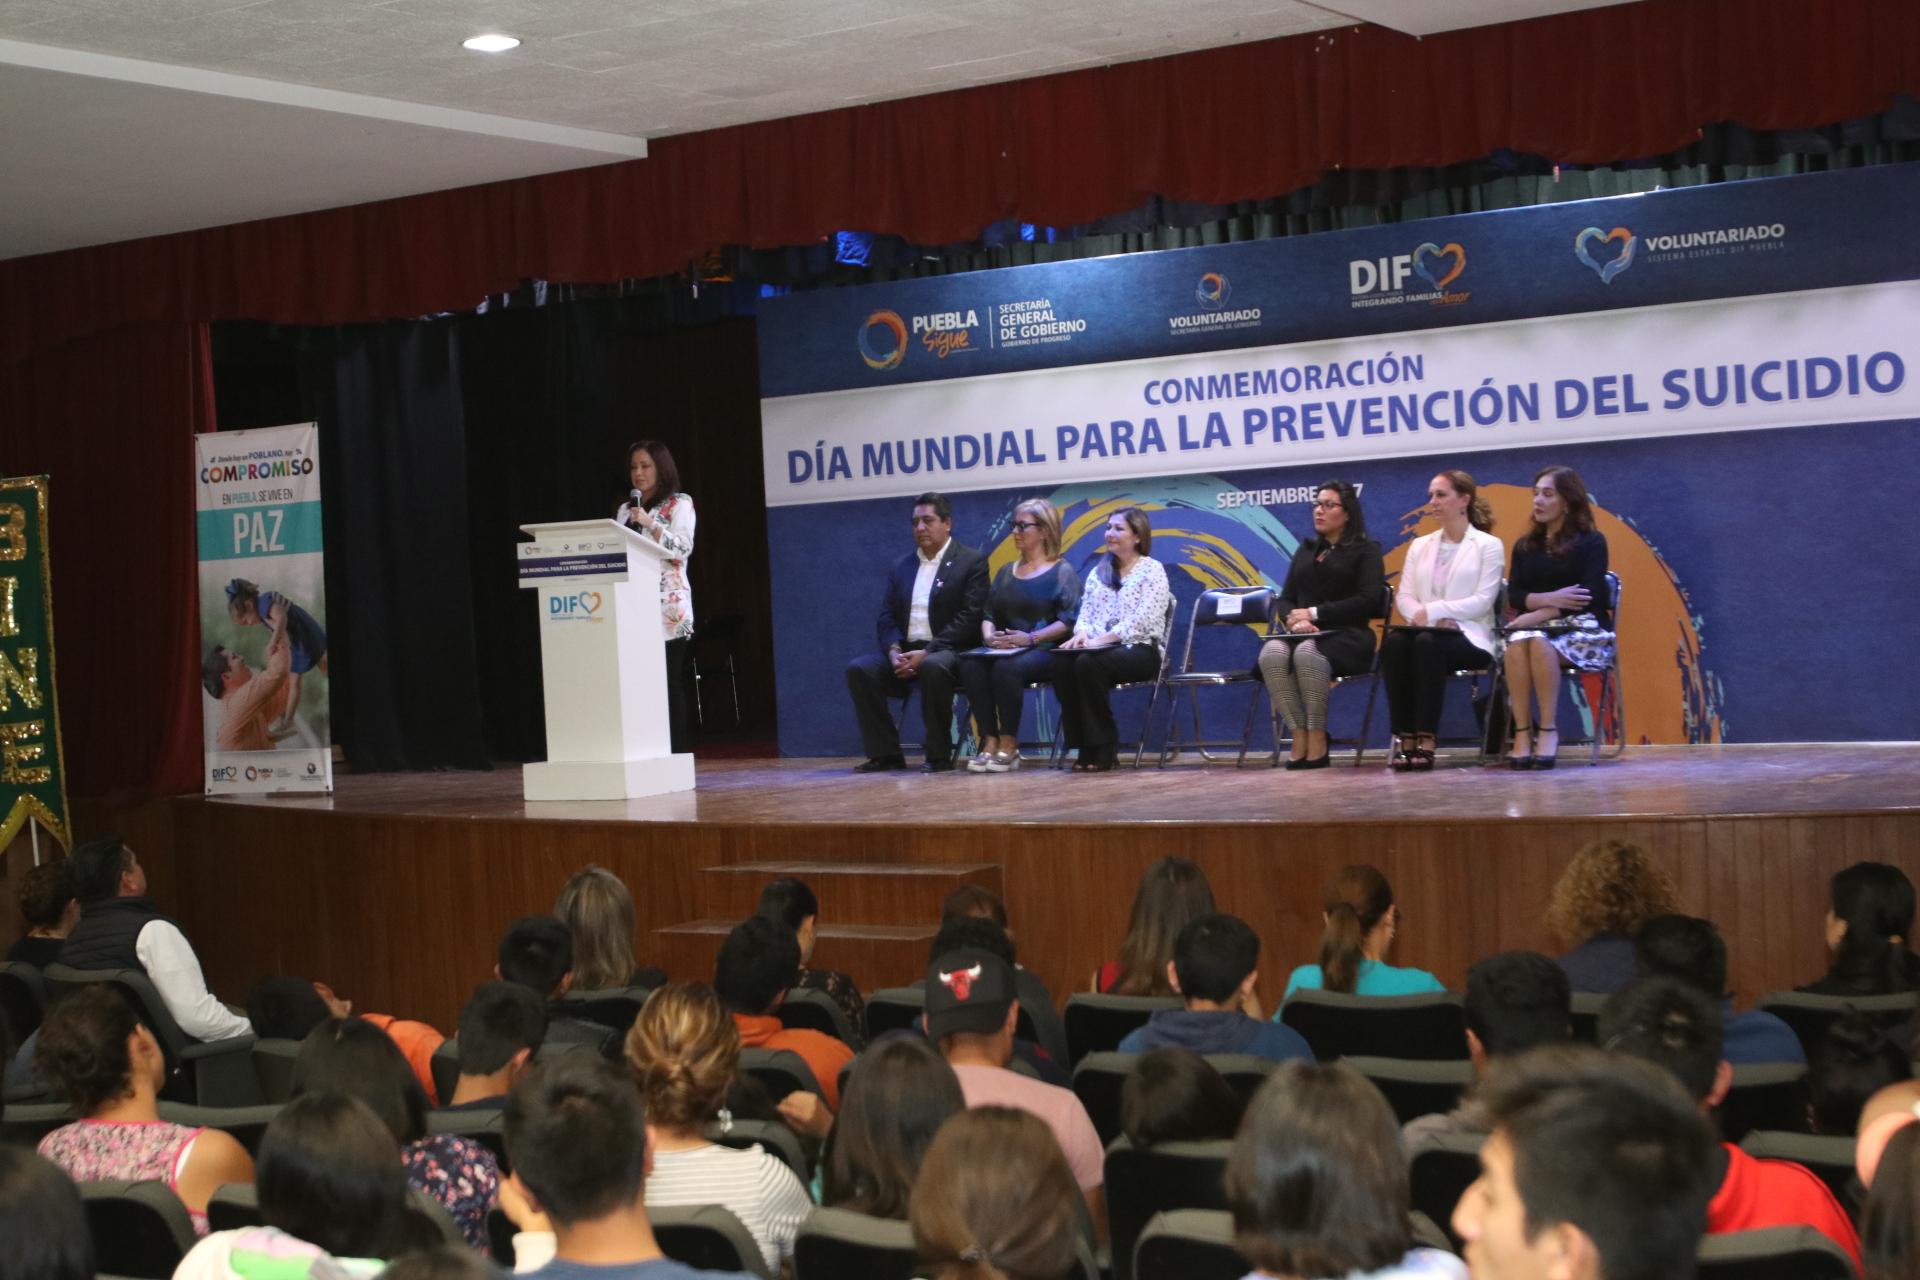 López de Gali promueve acciones para prevenir el suicidio en Puebla